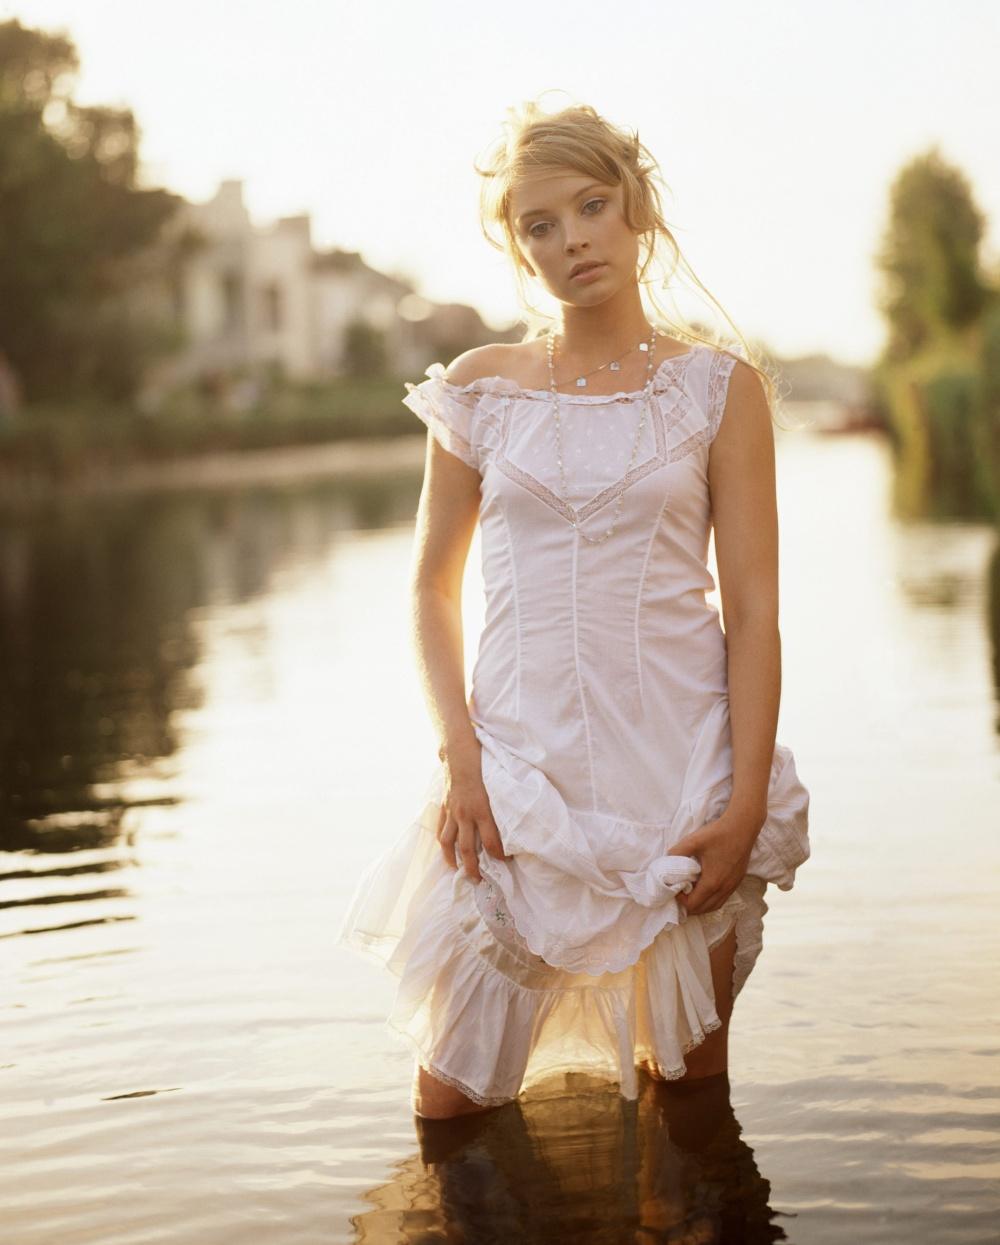 Фото красивые женщины без одежды 3 фотография